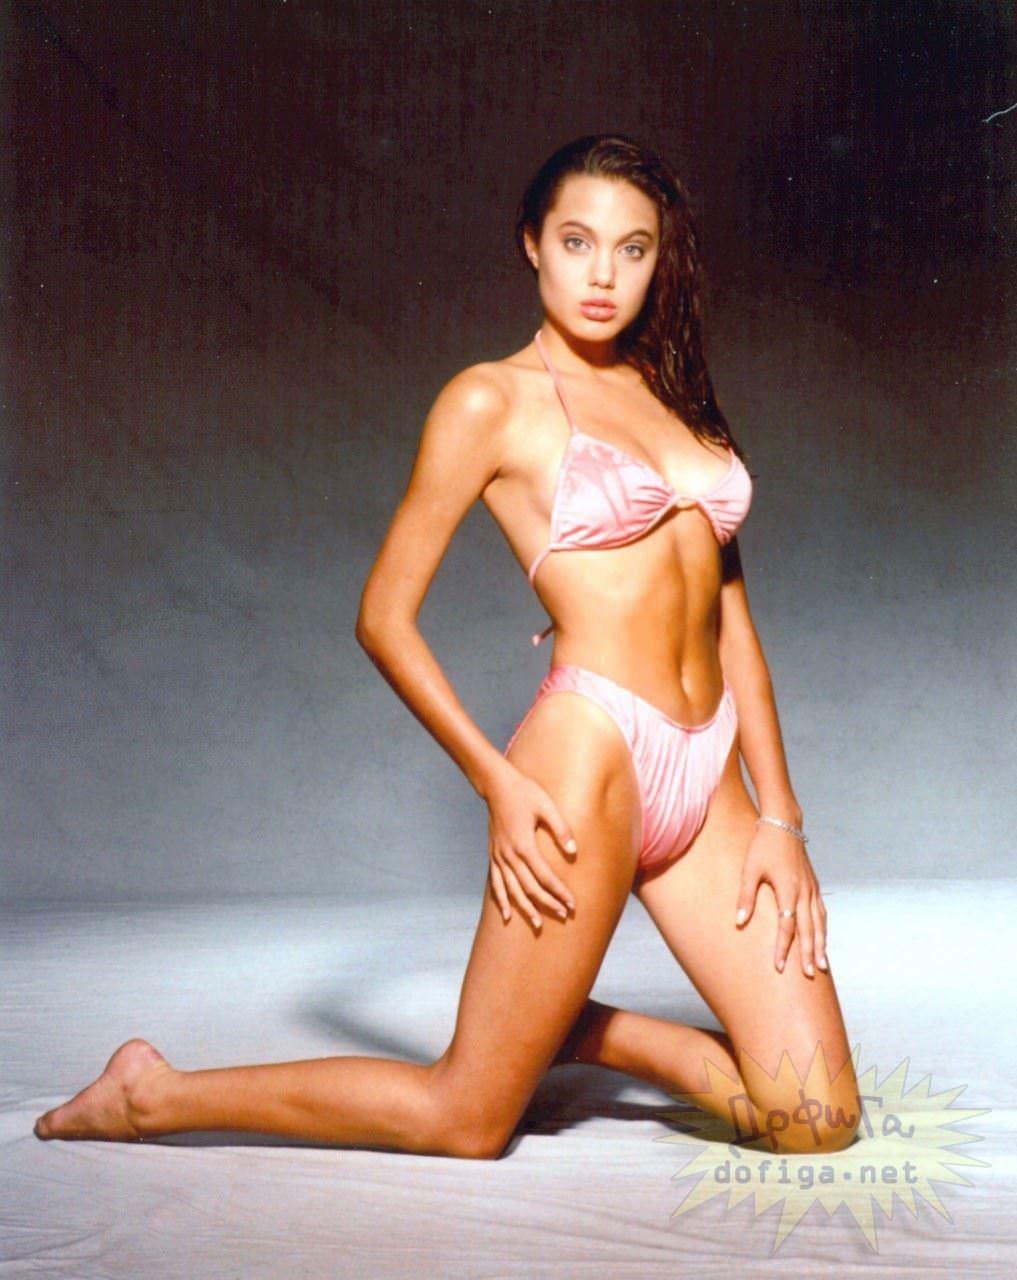 【外人】世界トップレベルの美女アンジェリーナ·ジョリー(Angelina Jolie)のポルノ画像 2595